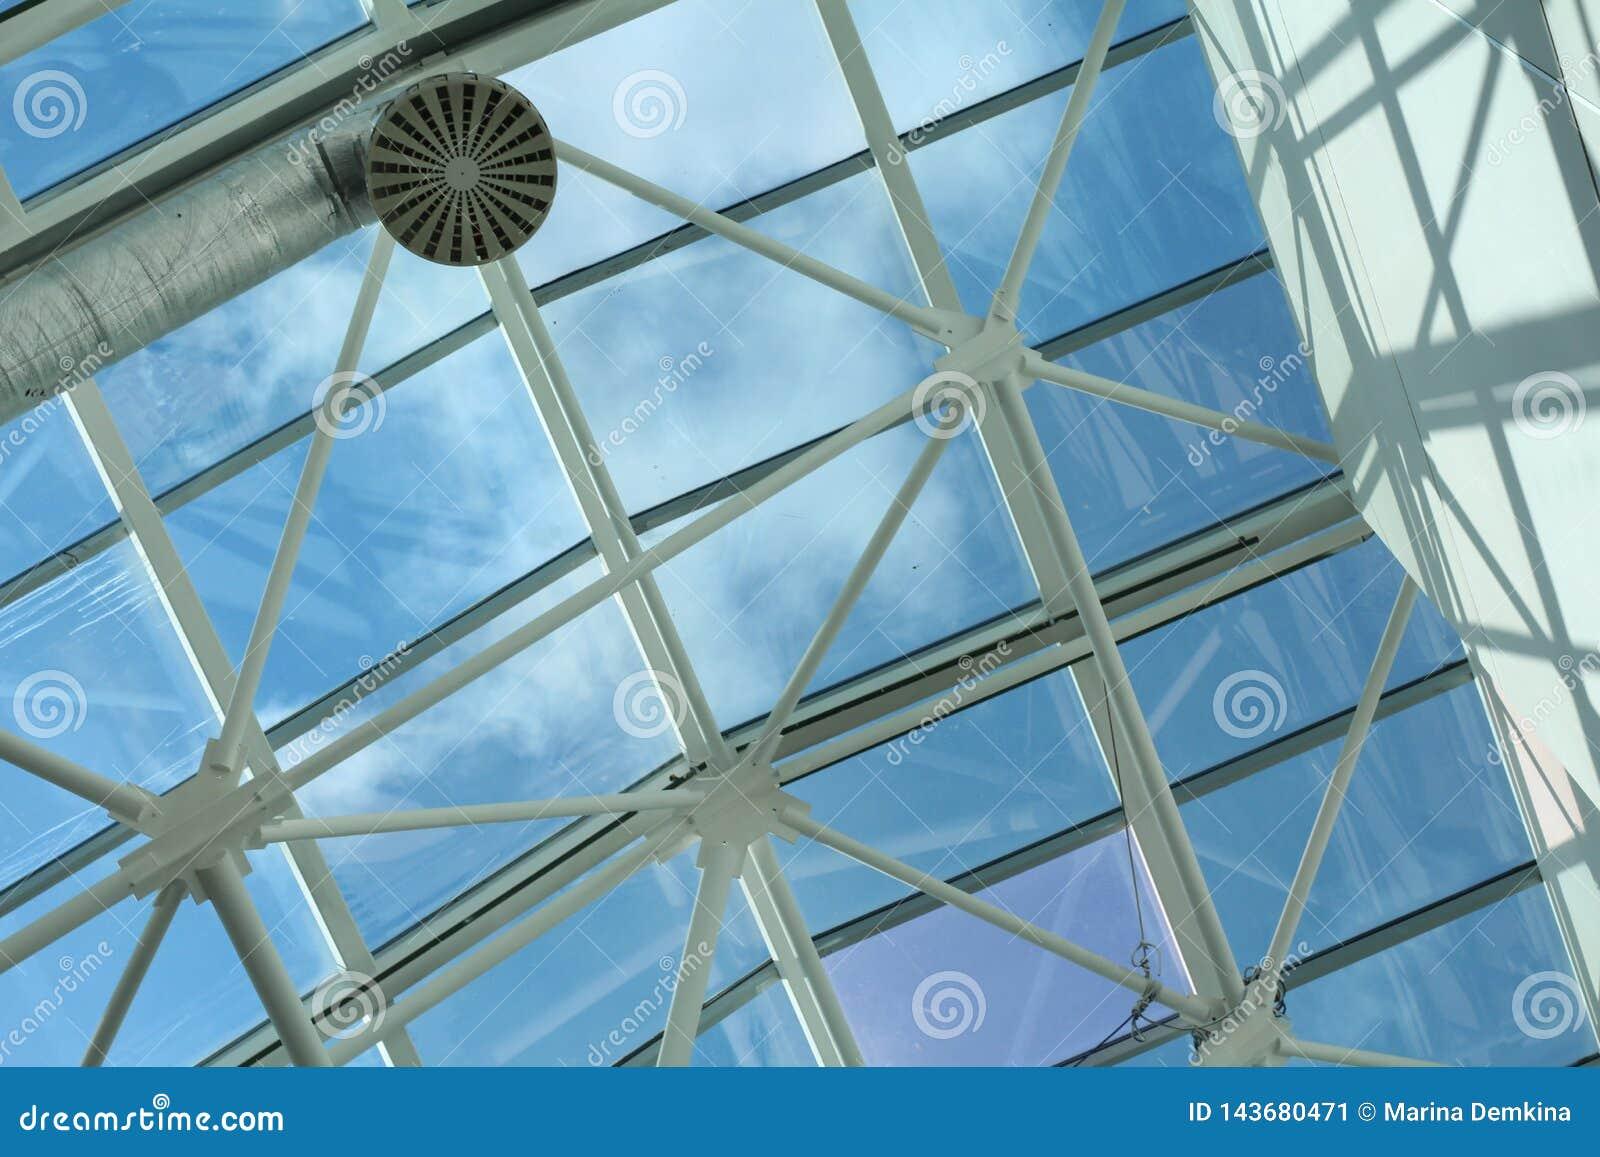 Metall- und Glasbau - Architektur und Entwurf in einem Einkaufszentrum